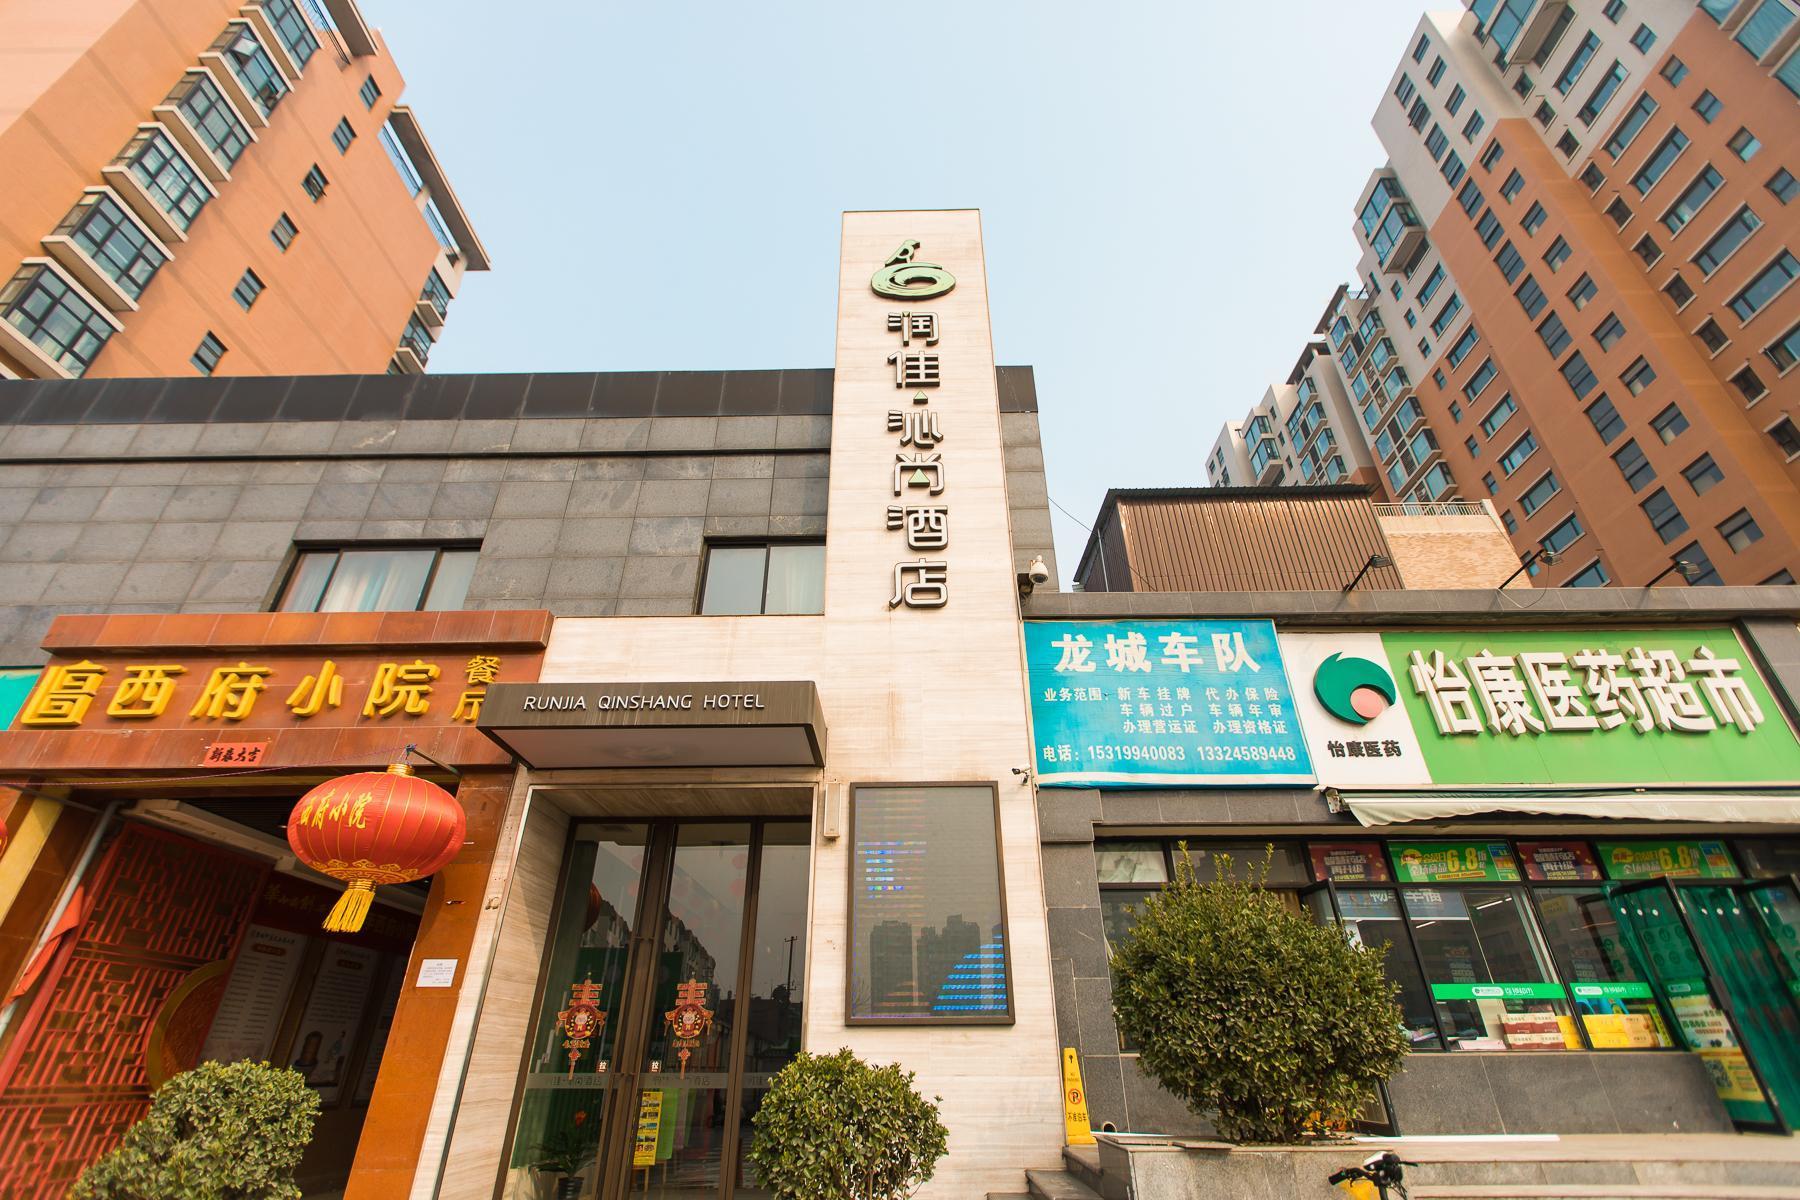 Run Jia Qin Shang Boutique Hotel